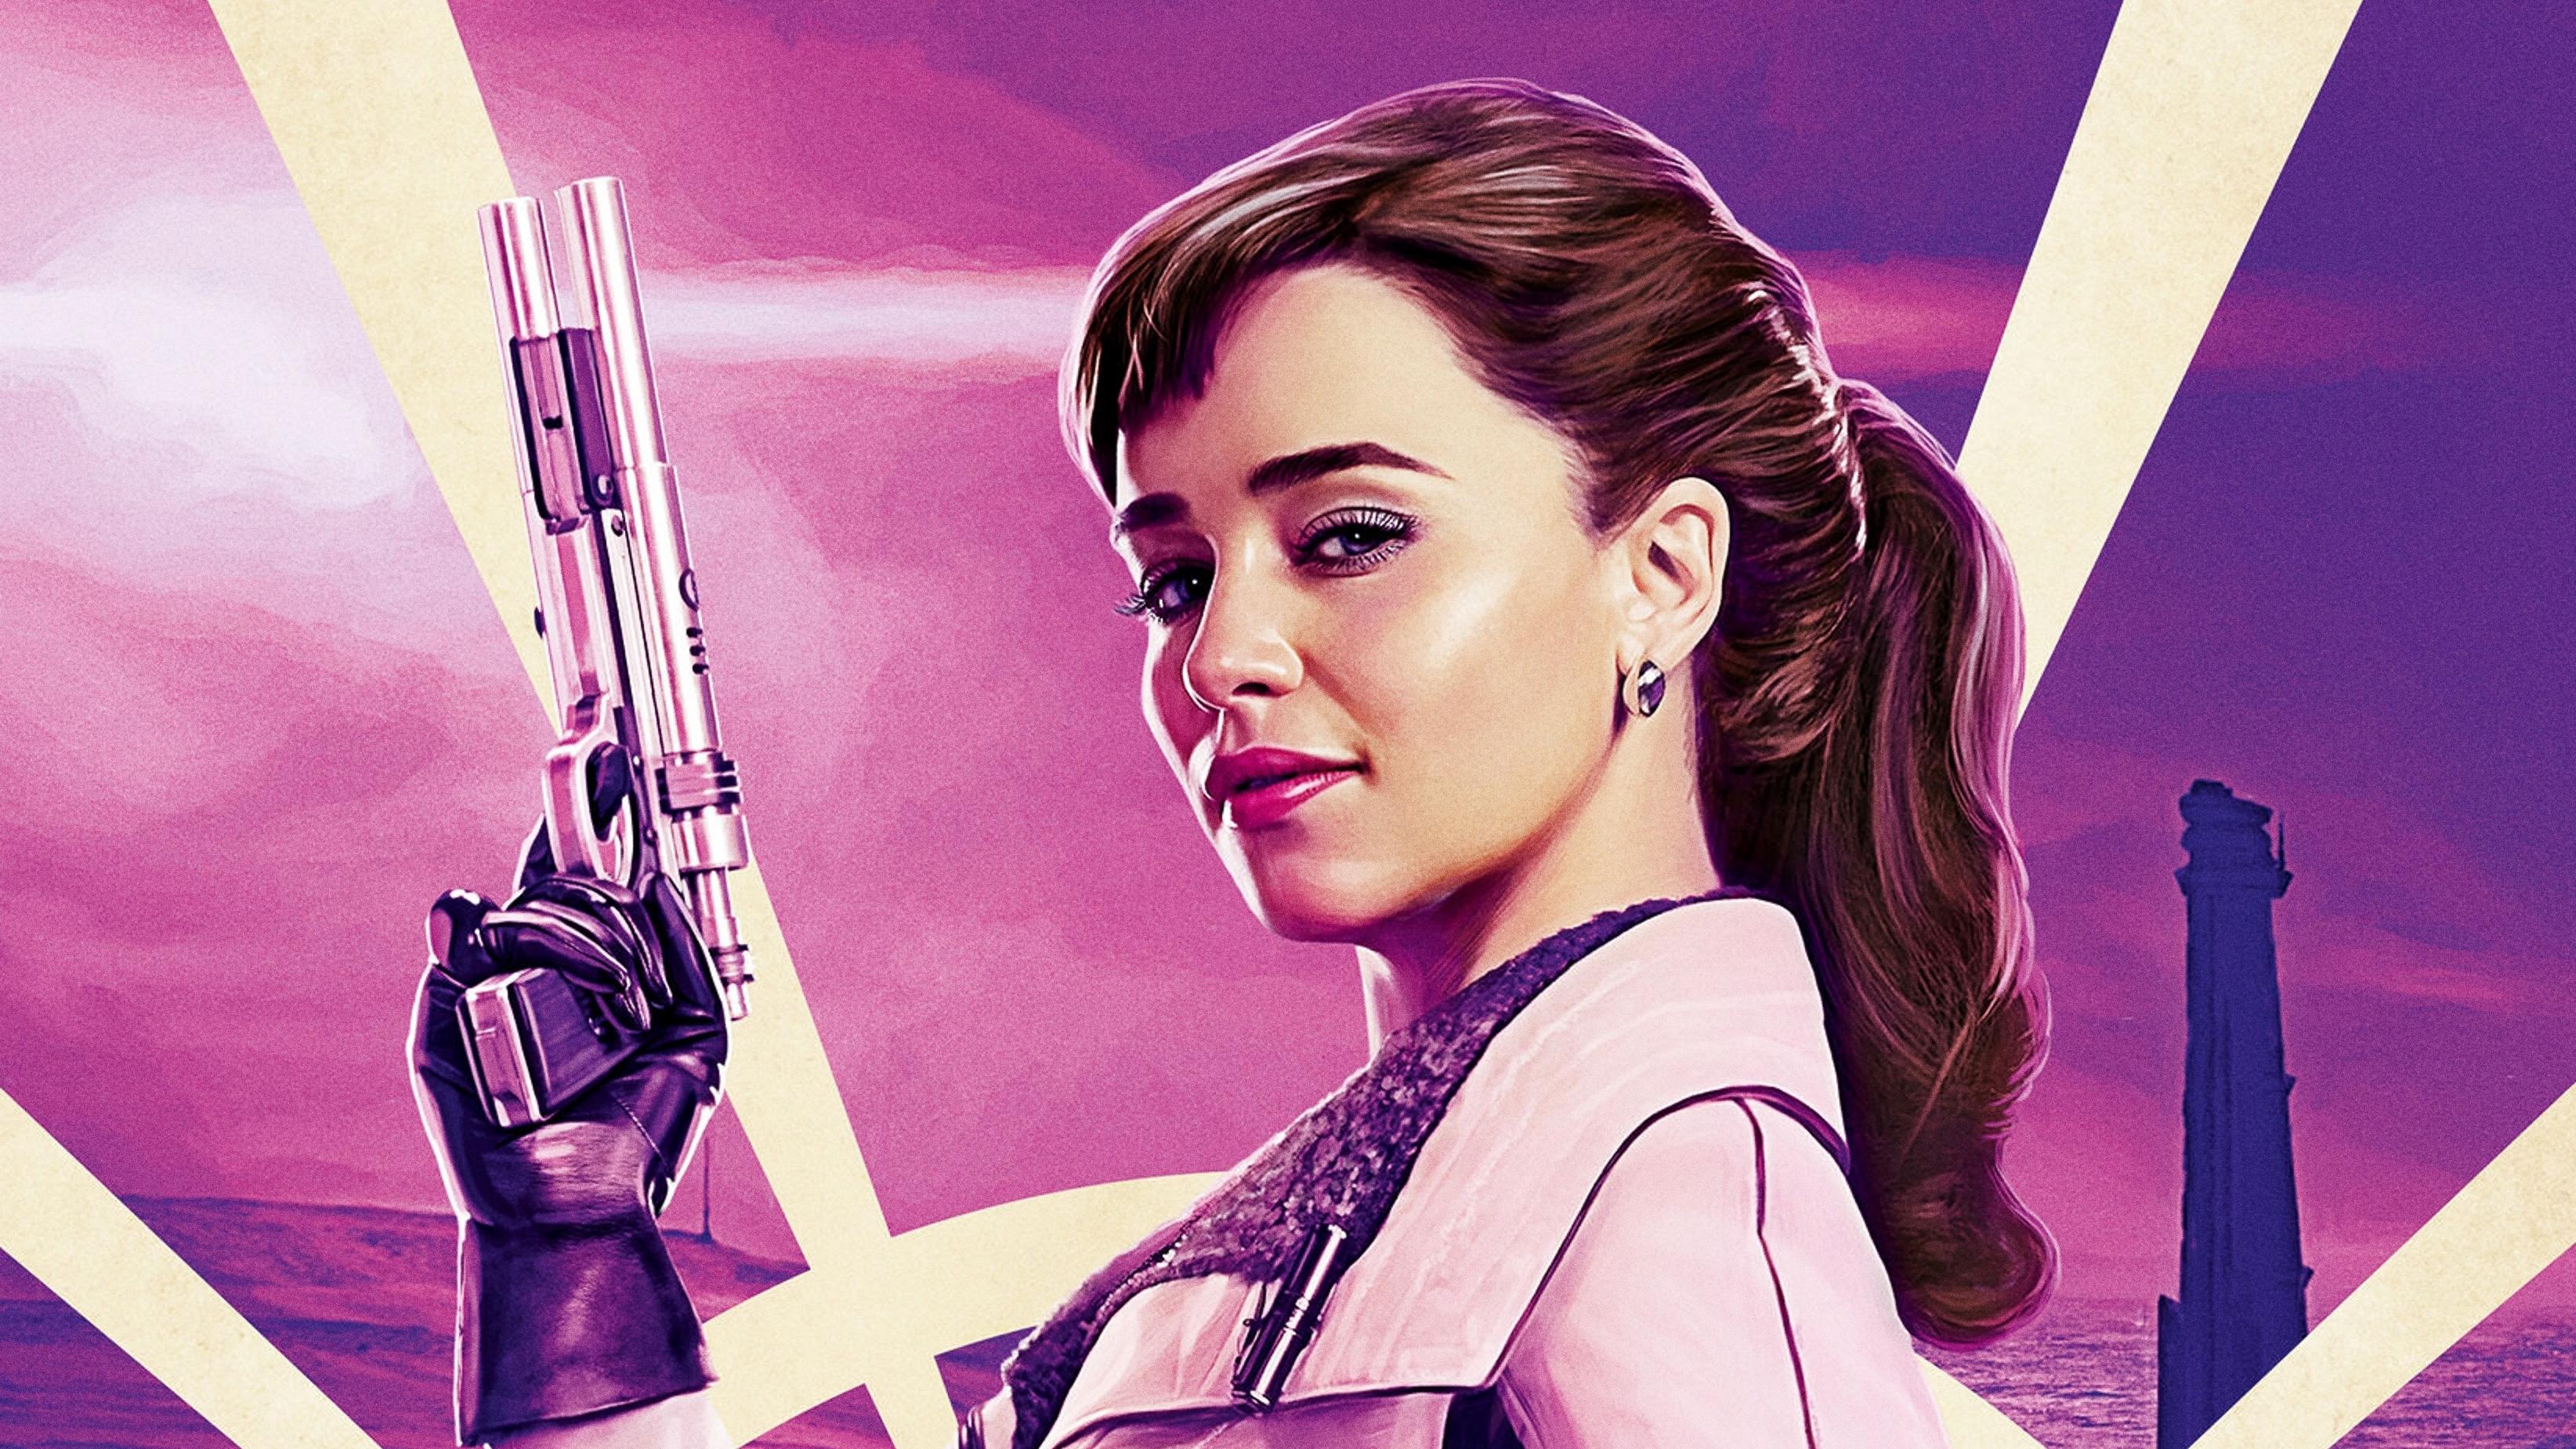 Emilia Clarke Qi 039 Ra Star Wars Solo A Star Wars Story Star Wars 3288x1849